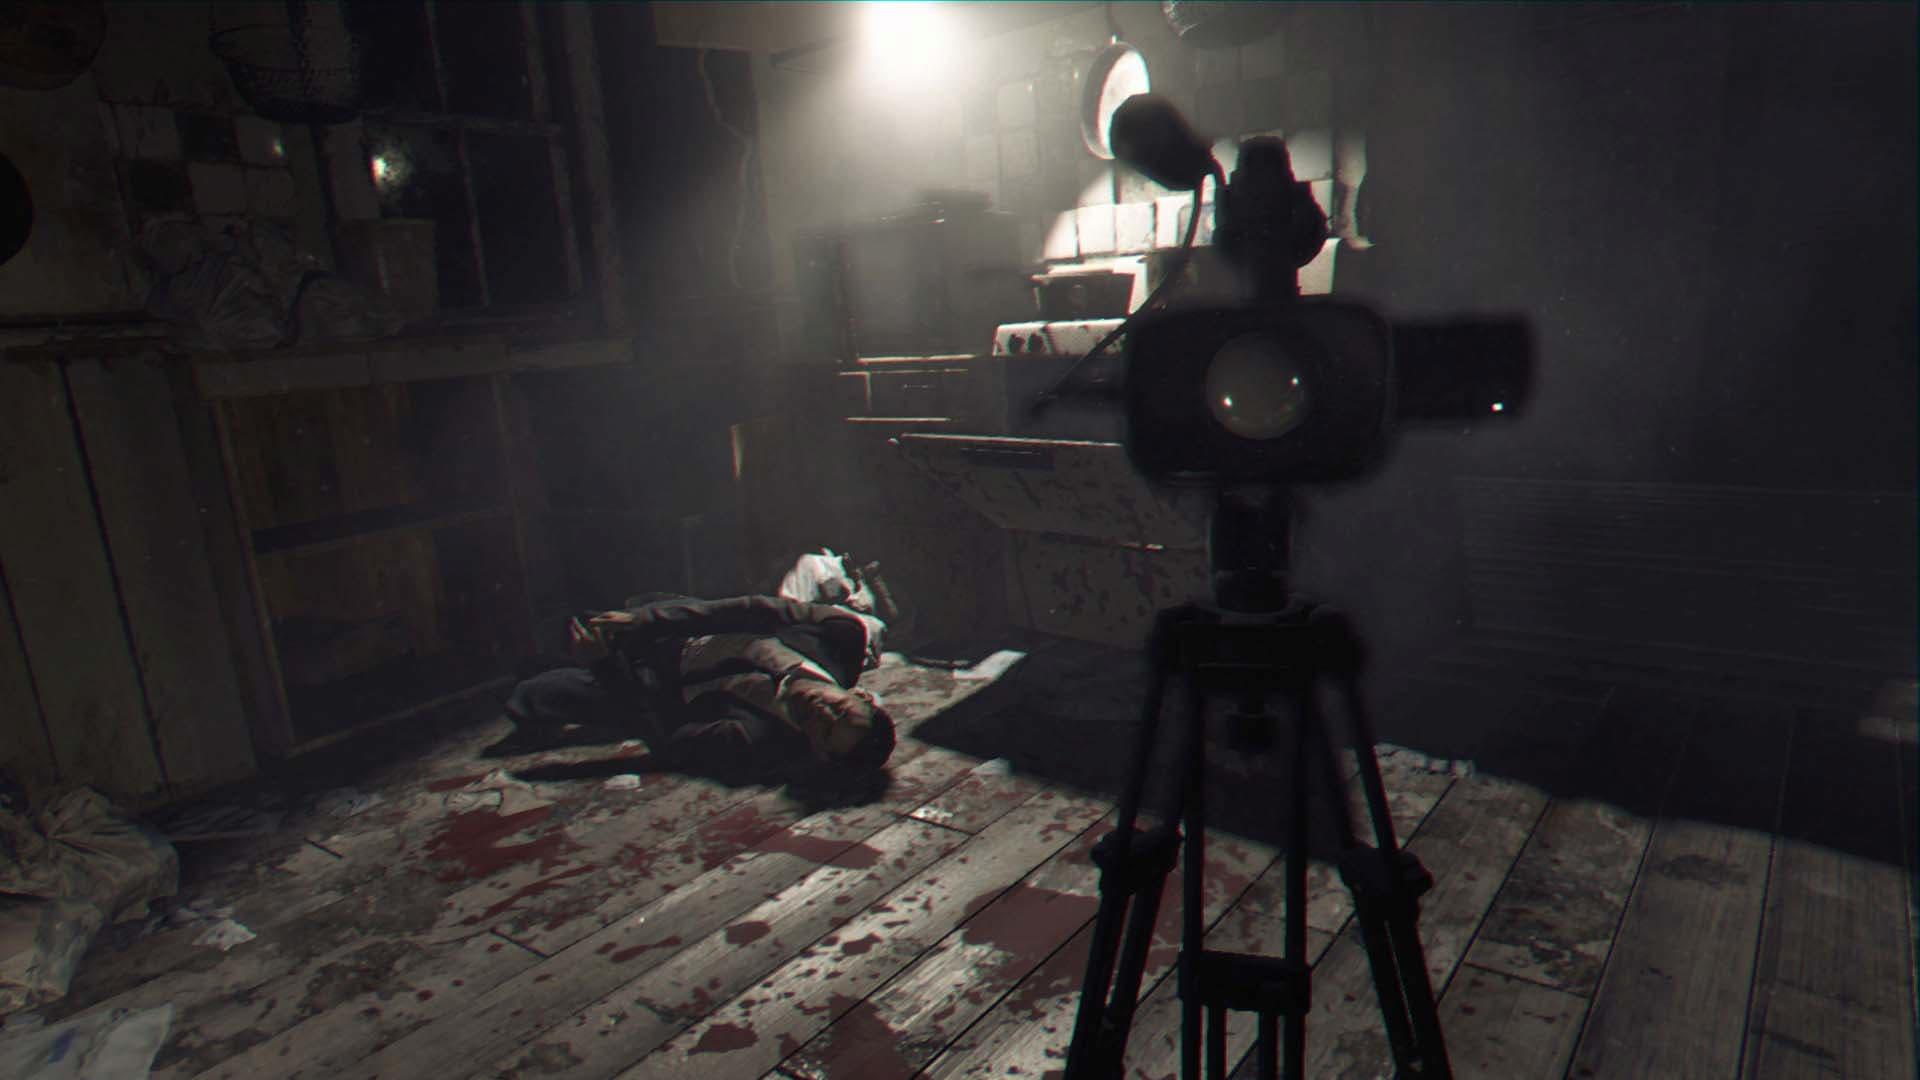 Grupo dos Sewer Gators são sequestrados em Resident Evil 7